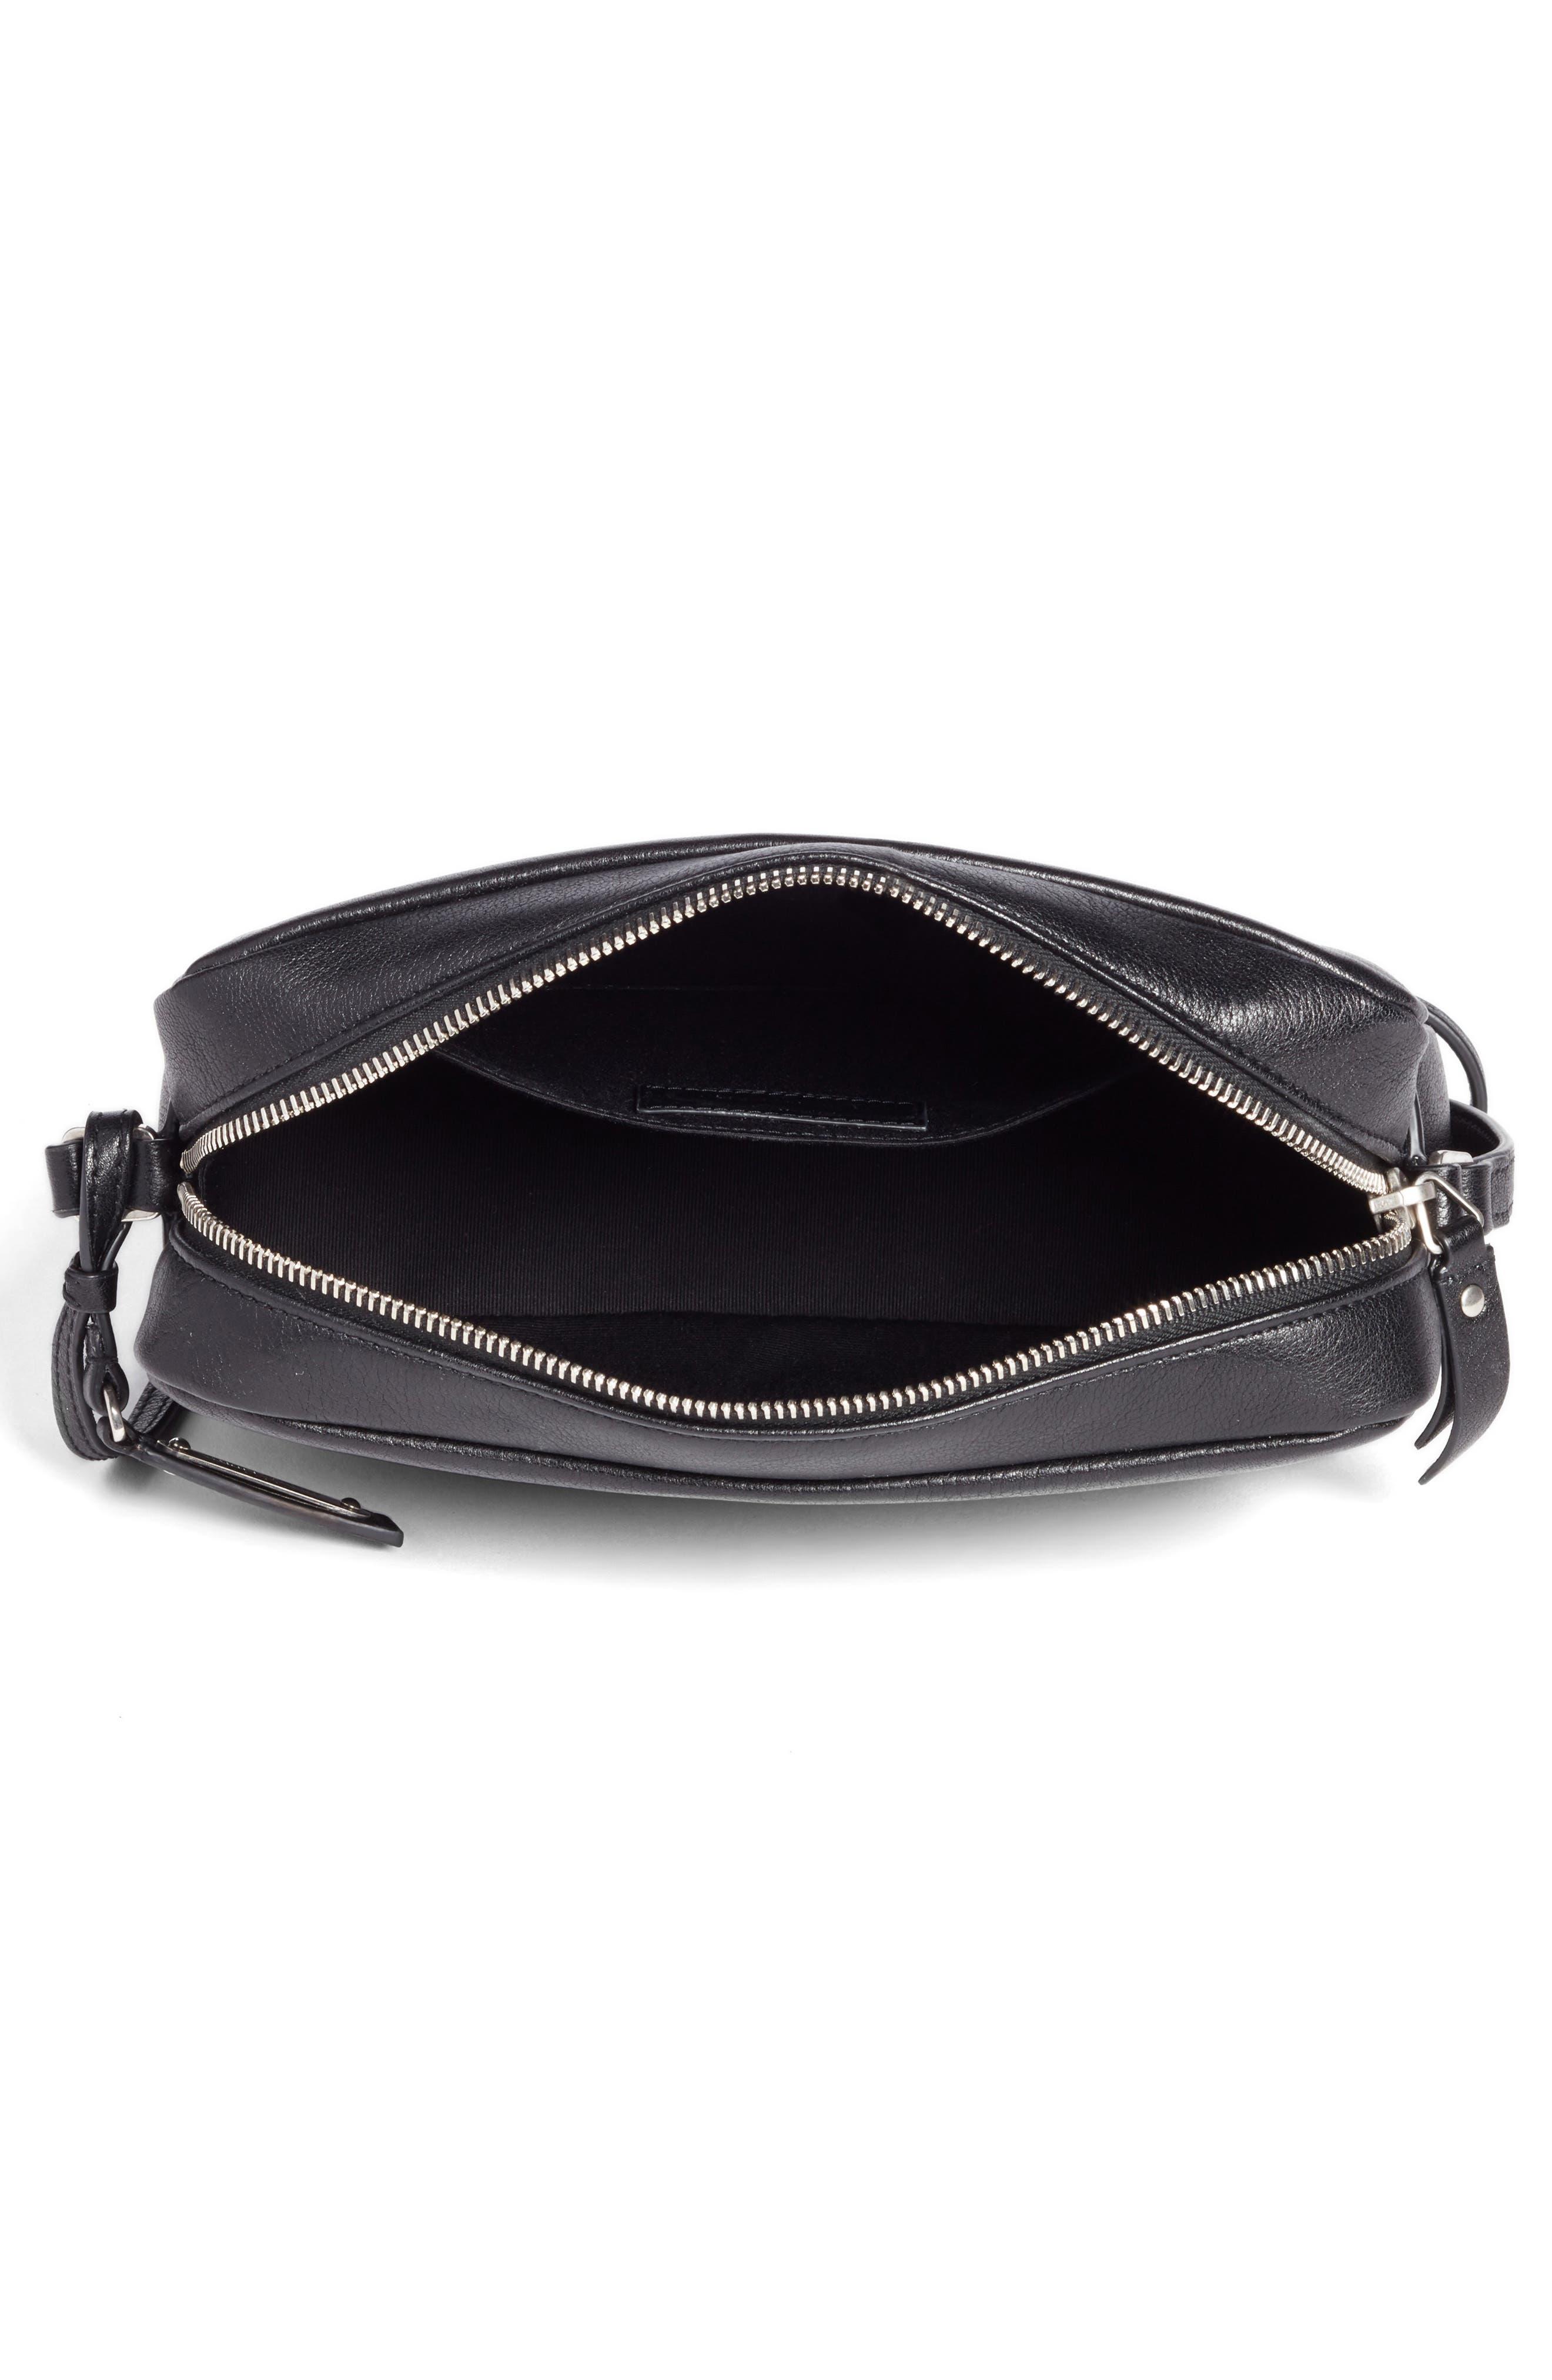 SAINT LAURENT, Small Mono Leather Camera Bag, Alternate thumbnail 4, color, NOIR